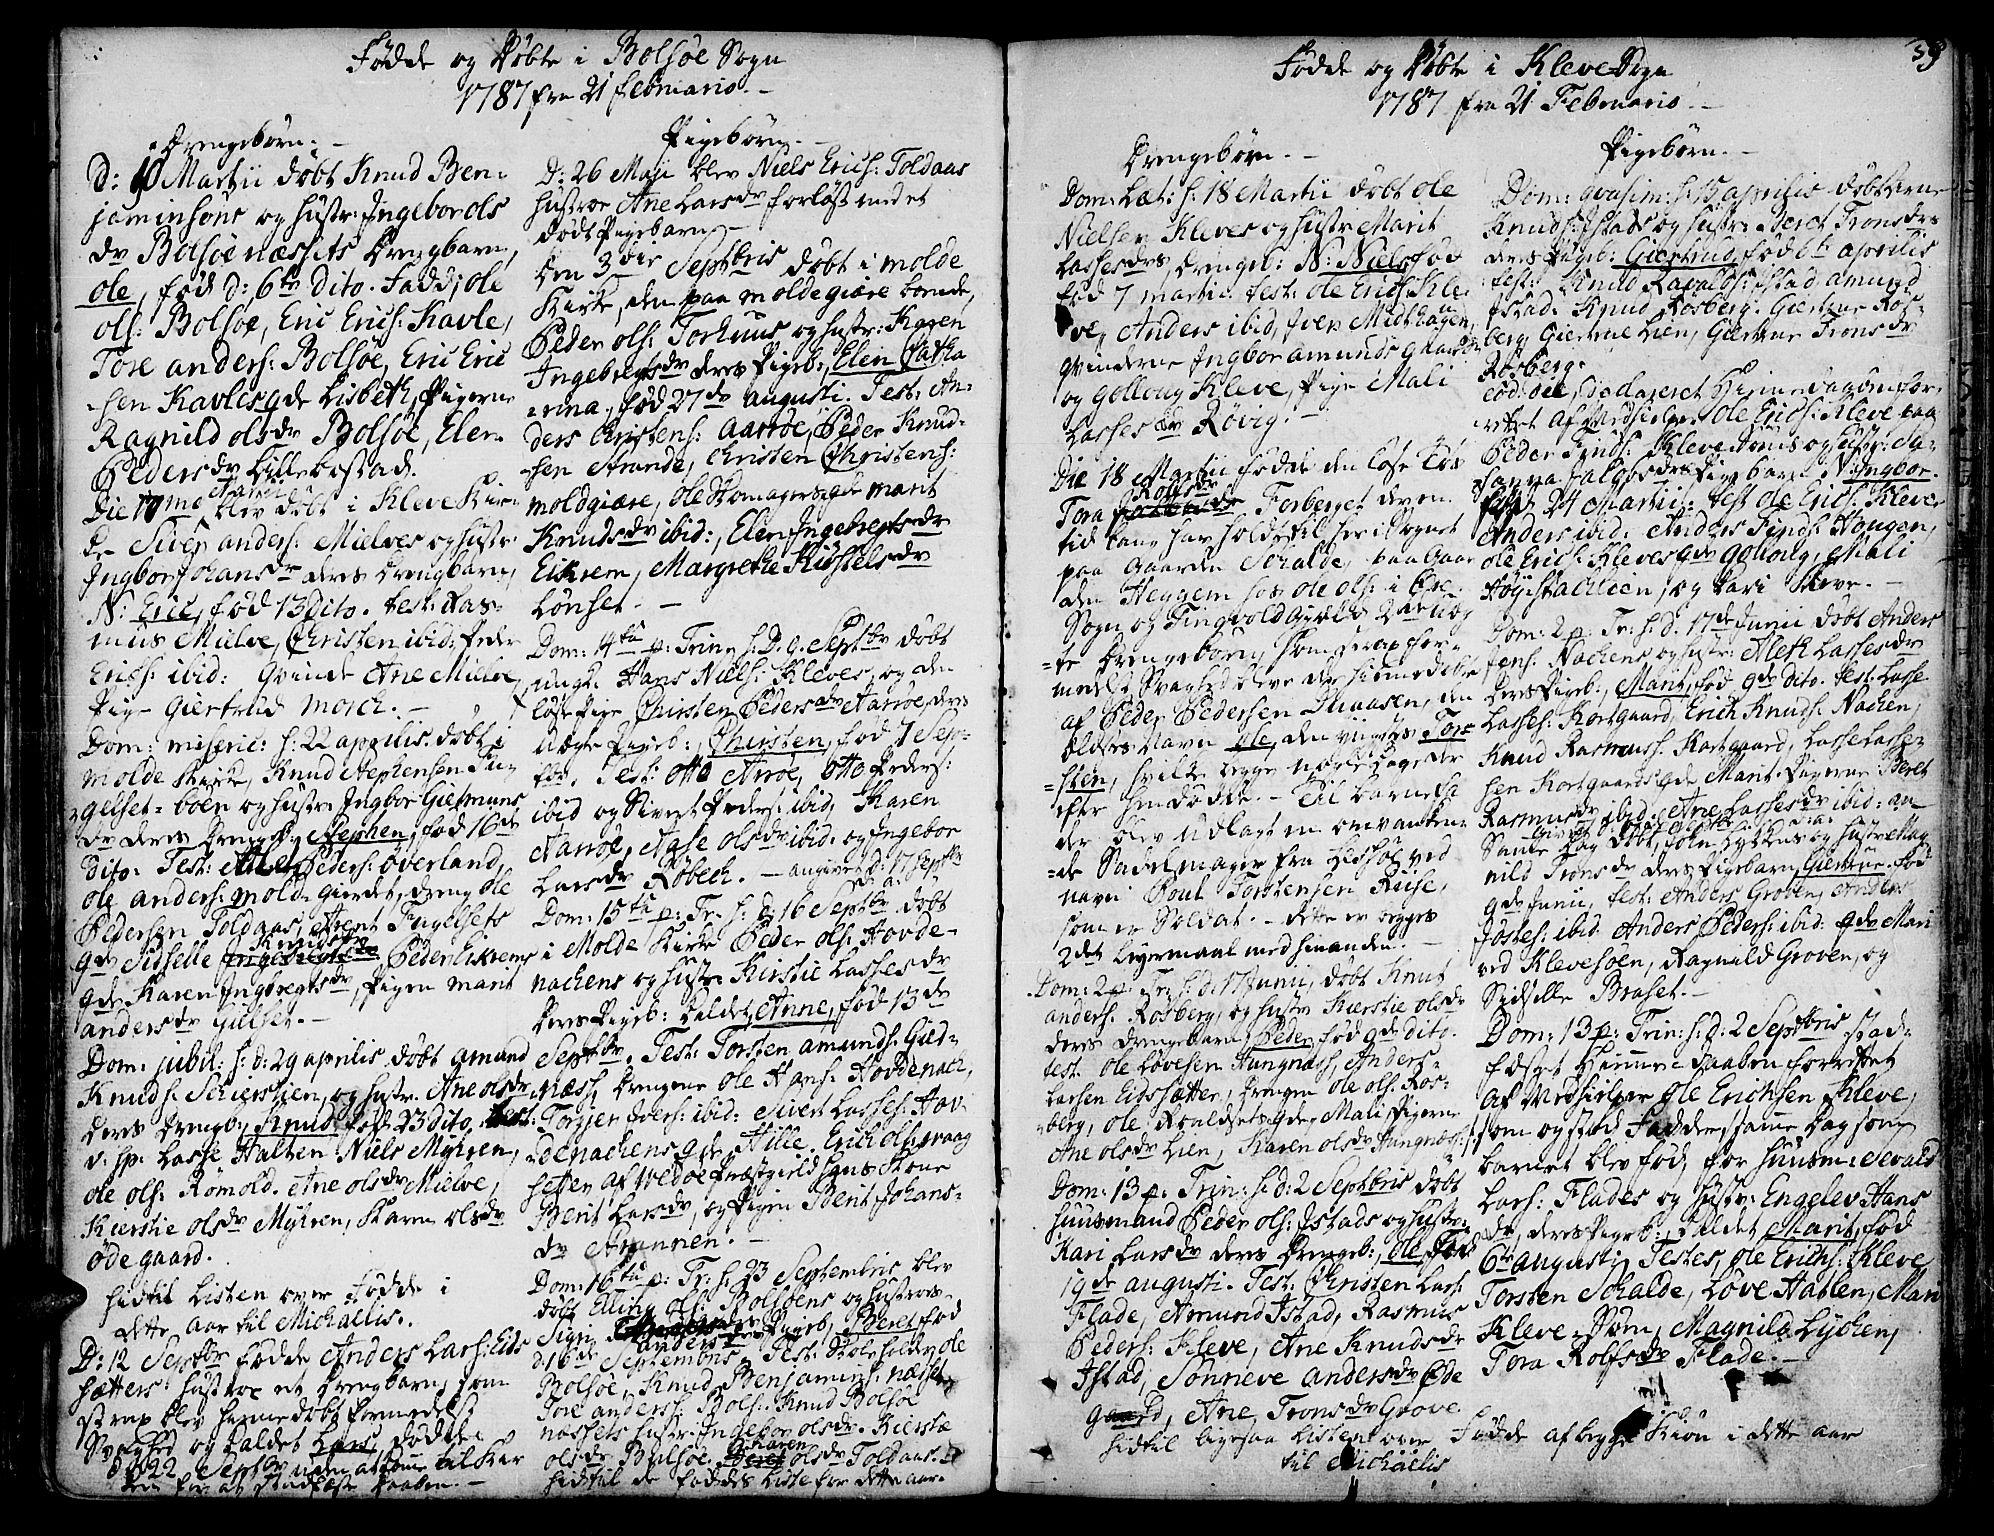 SAT, Ministerialprotokoller, klokkerbøker og fødselsregistre - Møre og Romsdal, 555/L0648: Ministerialbok nr. 555A01, 1759-1793, s. 59